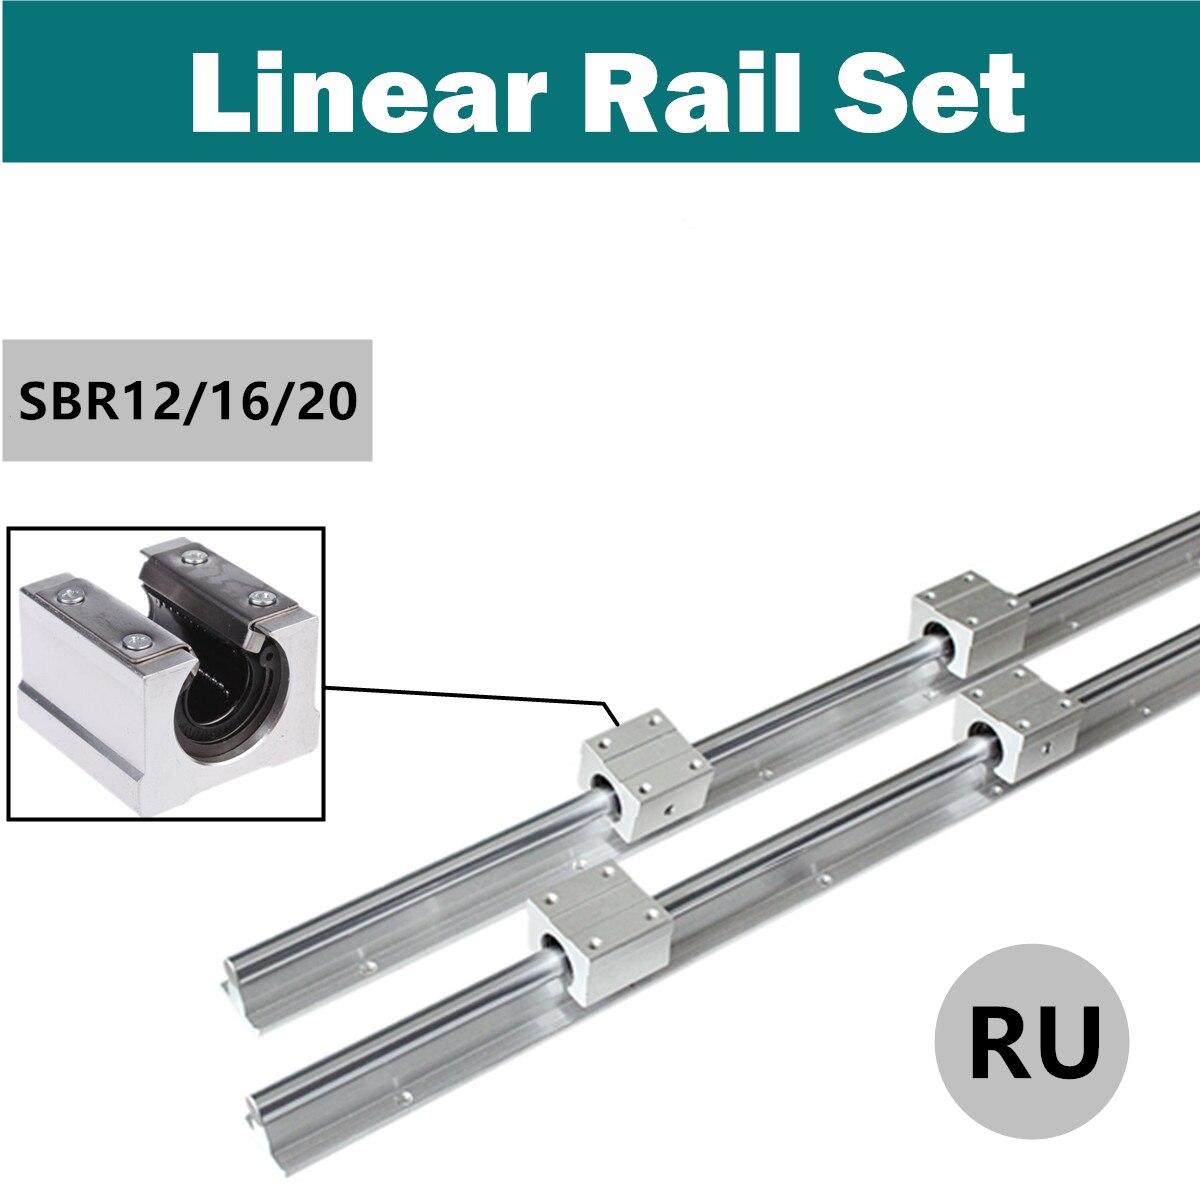 RU expédition 2 pièces SBR12/16/20 300-1500mm 12/16/20MM arbre de guidage de glissière de Rail de roulement linéaire + 4 pièces SBR12UU blocs pour Machine à CNC